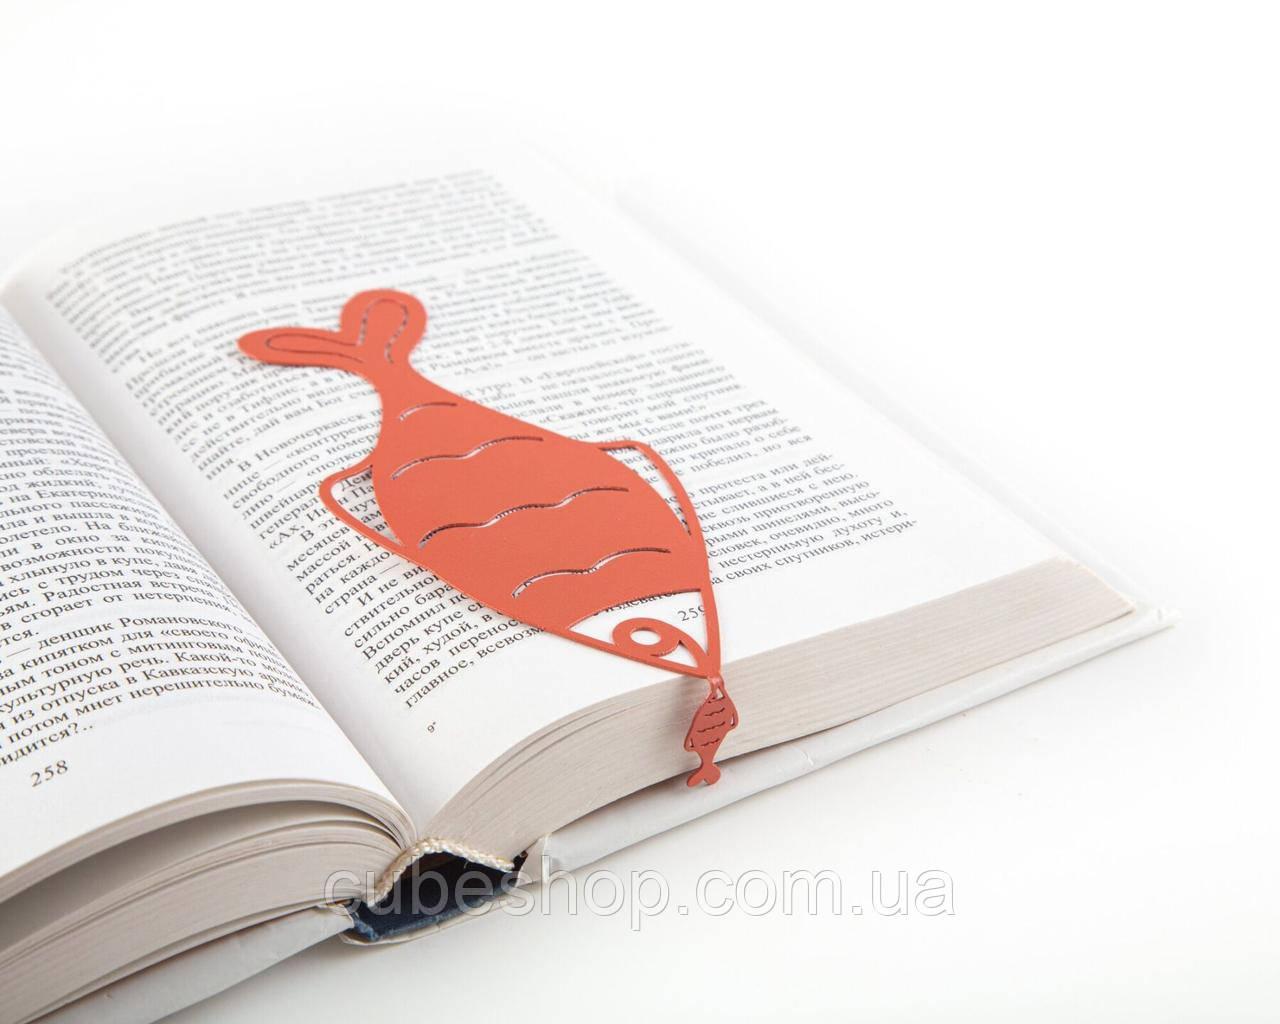 Закладка для книг Окунь